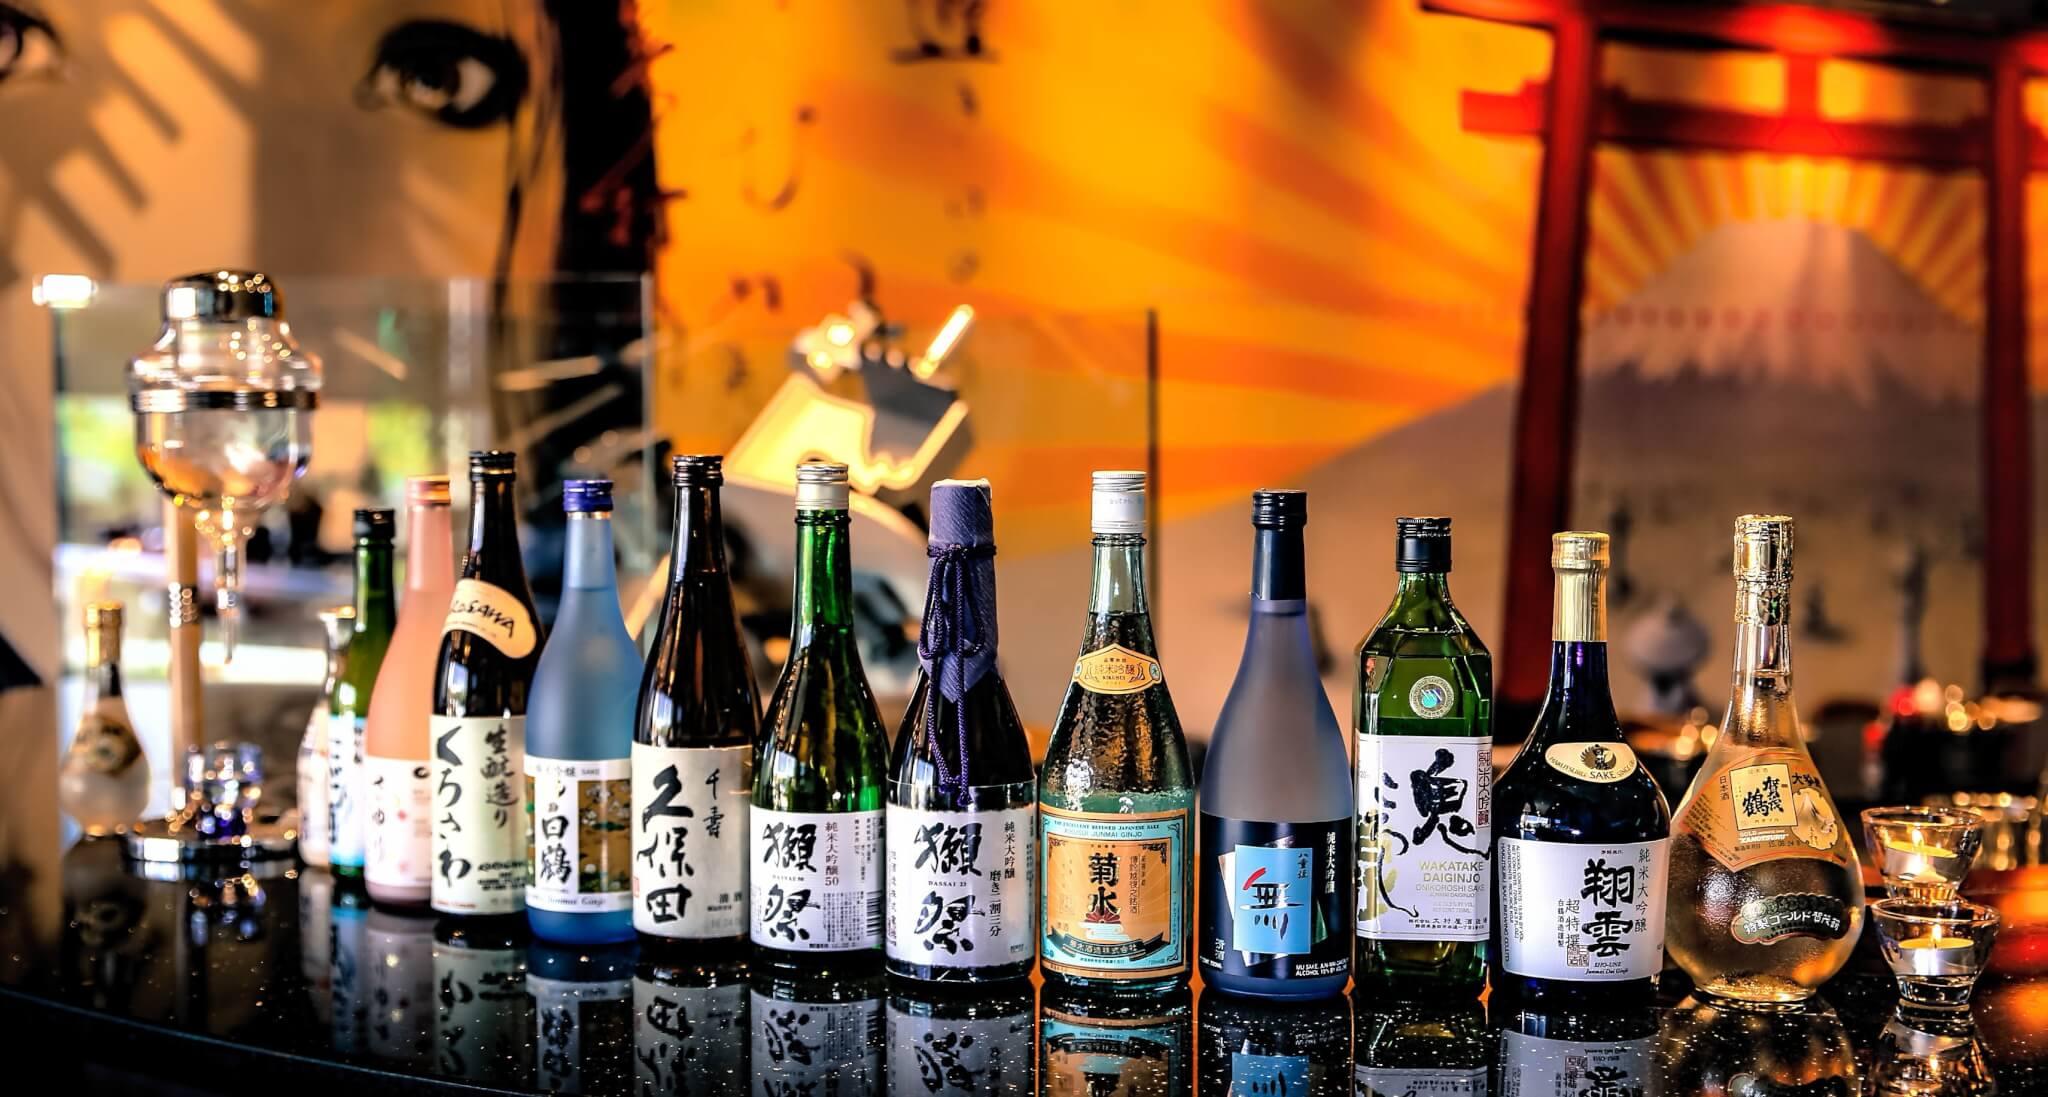 Sake Bottles in a Line